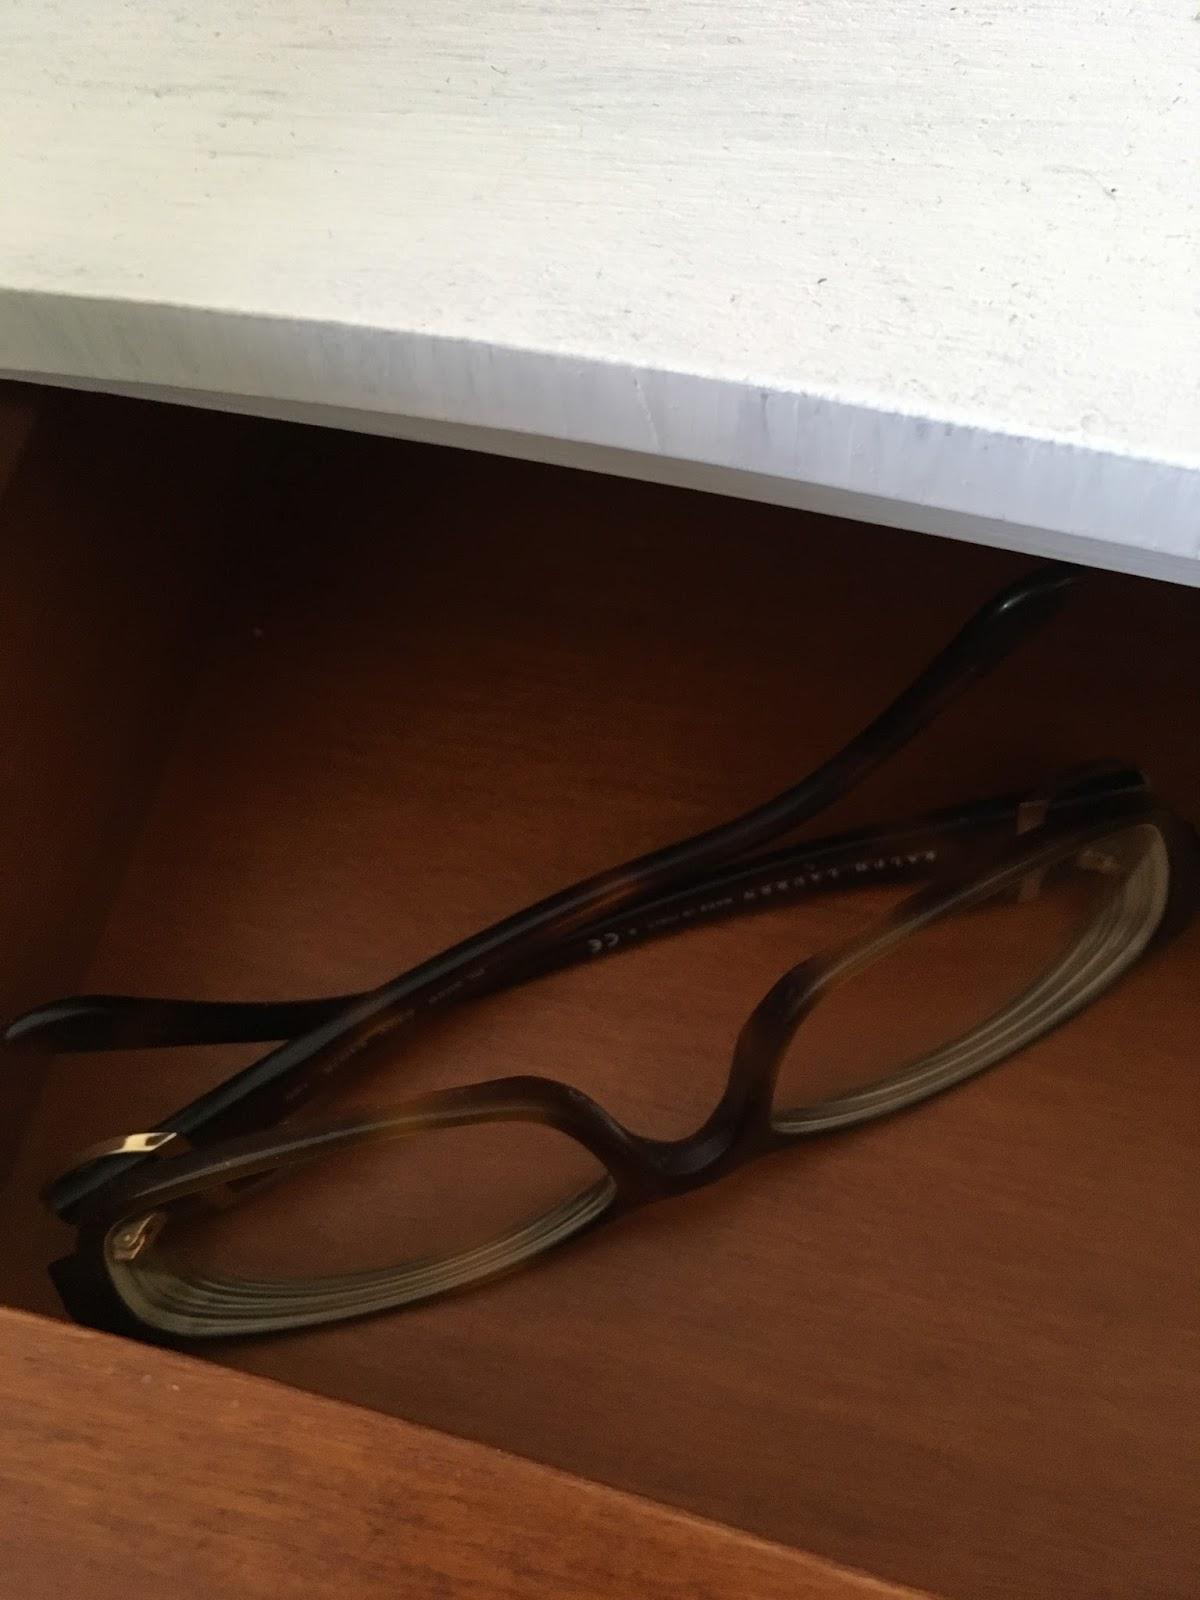 charlotte papote je porte des lentilles pour dormir et voir le jour. Black Bedroom Furniture Sets. Home Design Ideas